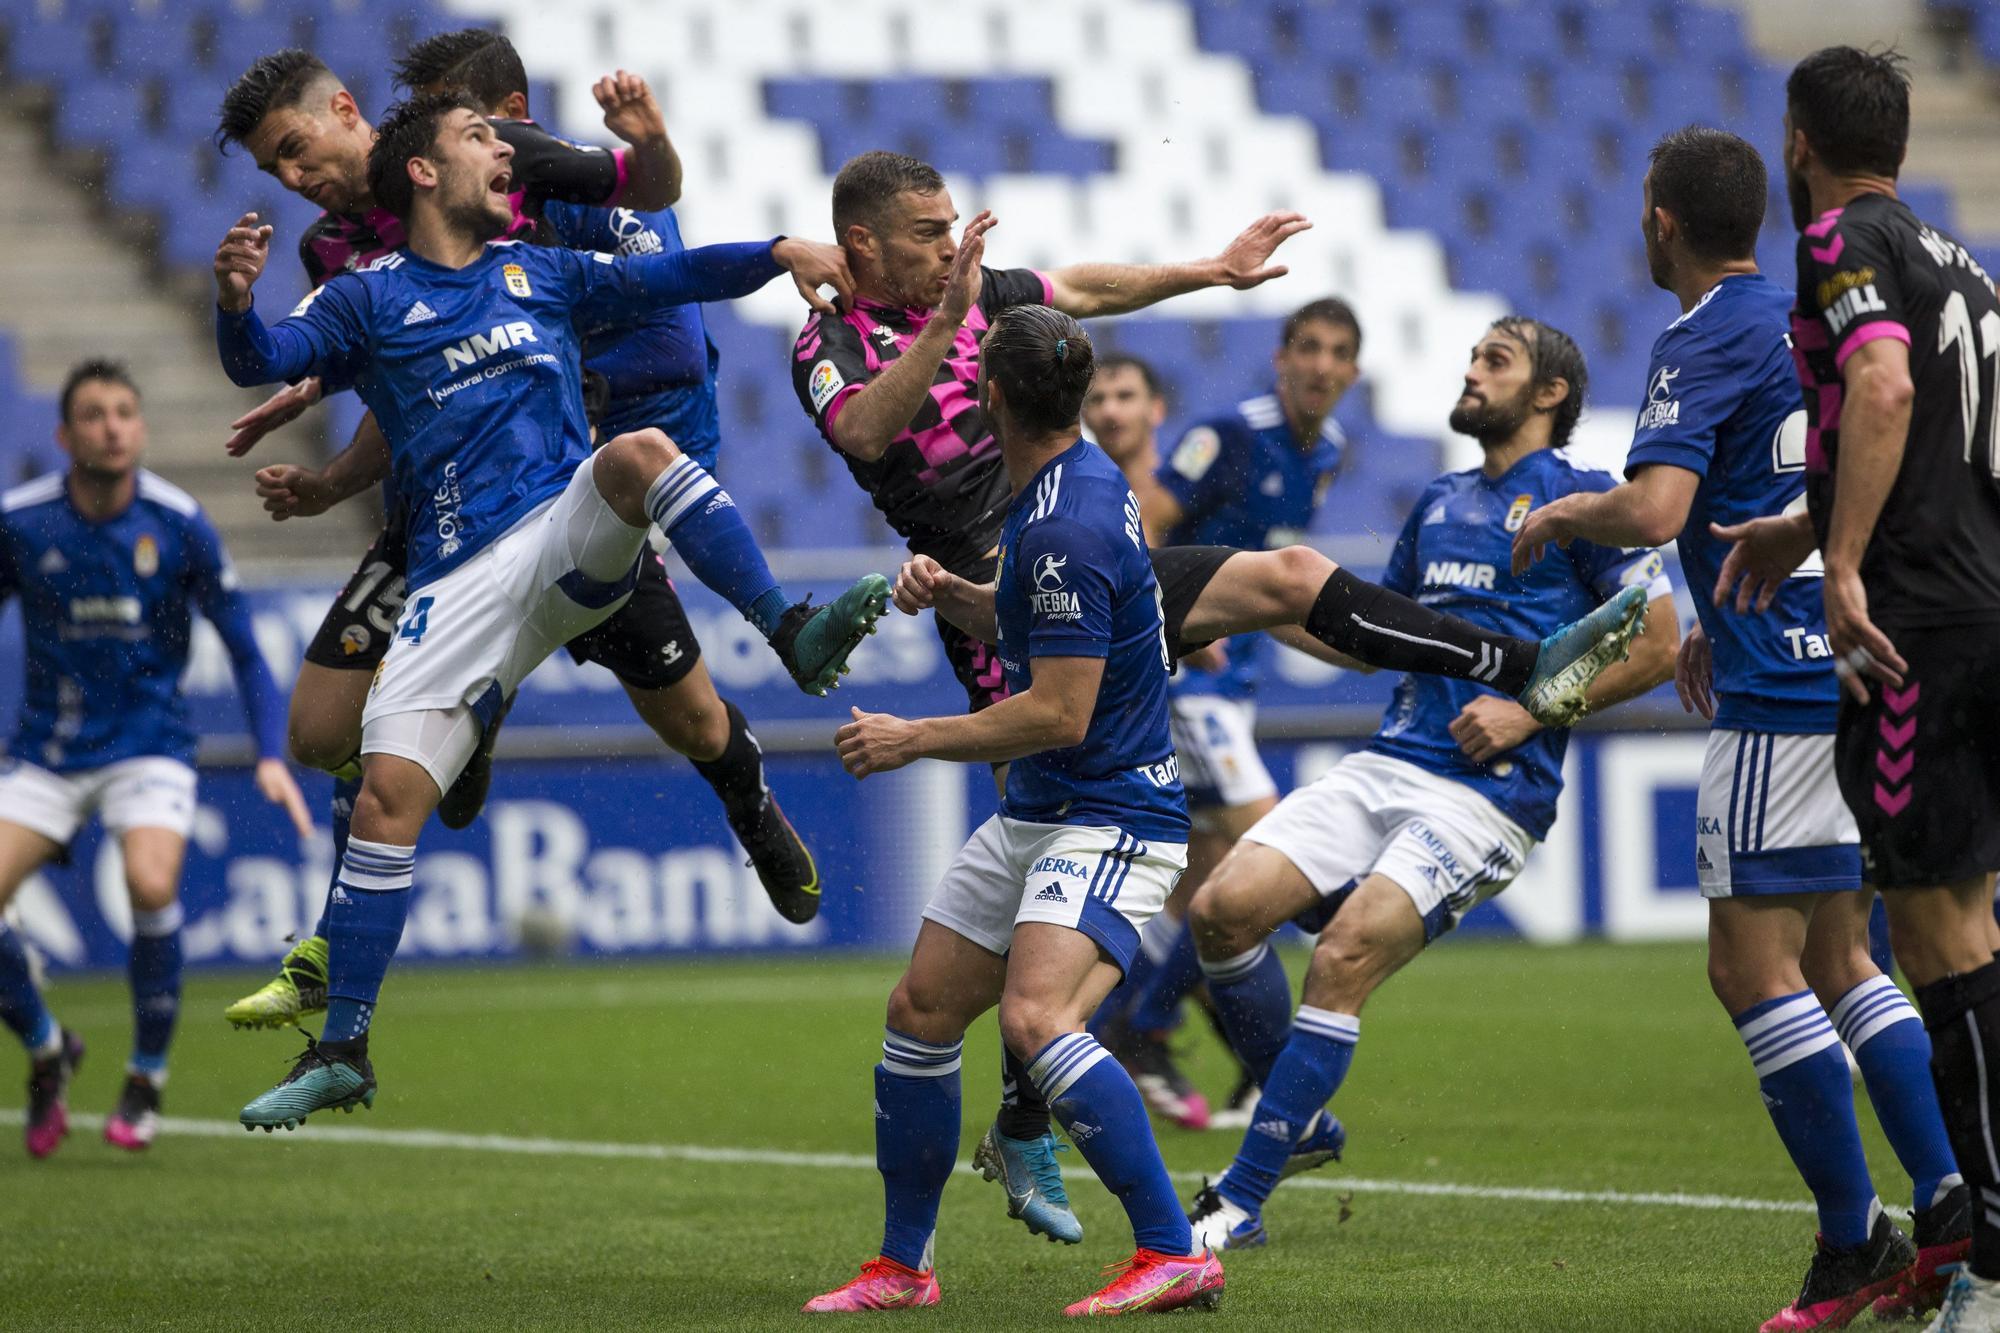 Real Oviedo - Sabadell, en imágenes